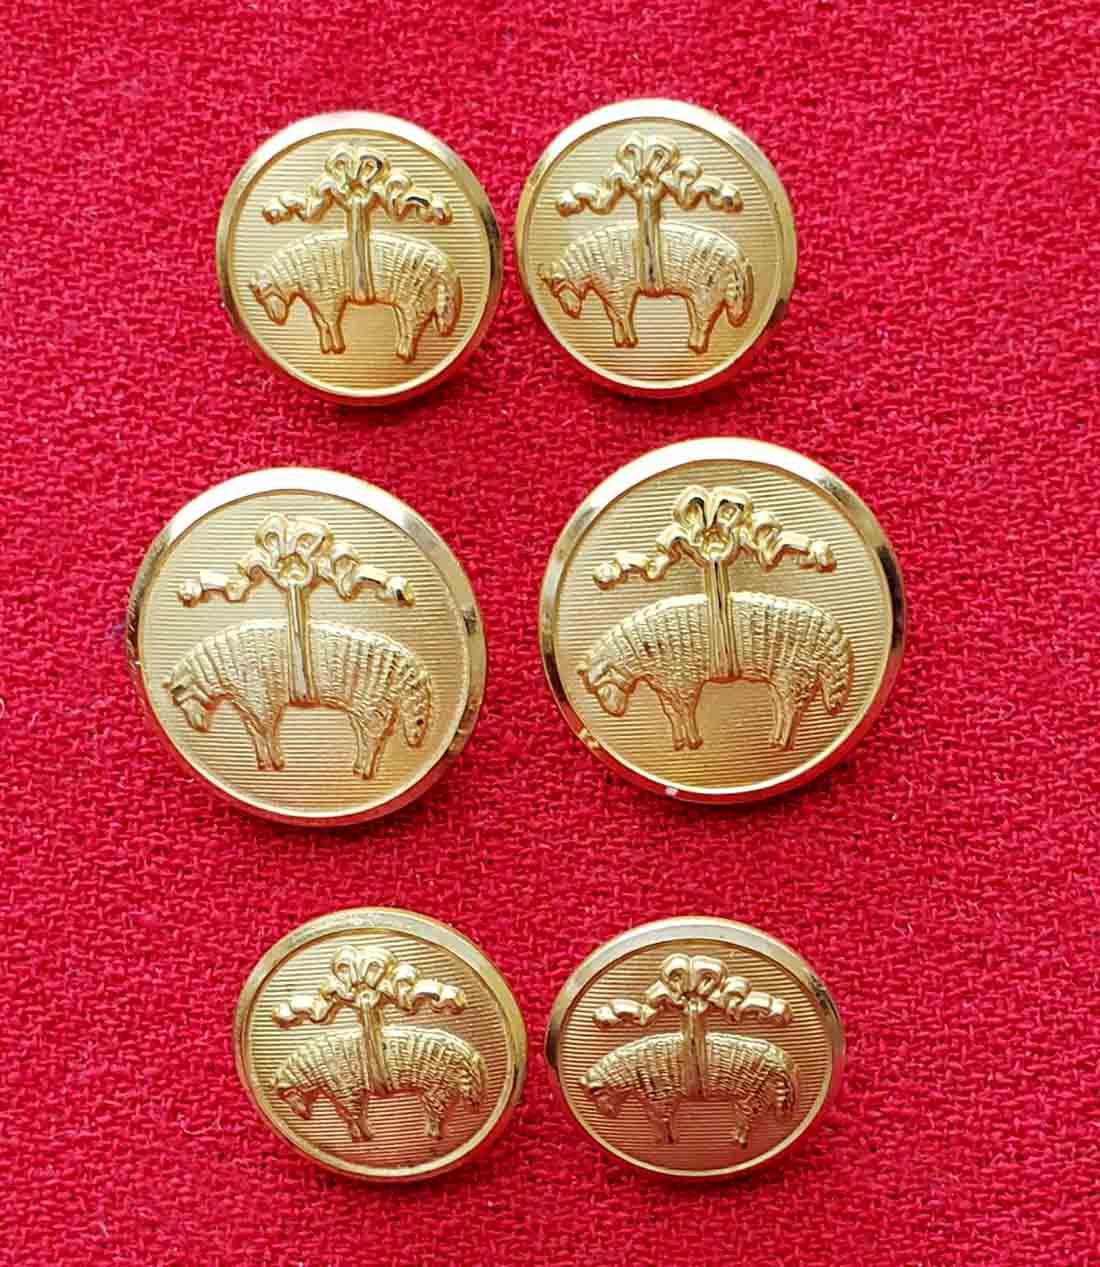 Brooks Brothers by Waterbury Blazer Buttons Set Gold Brass Golden Fleece Shank Men's